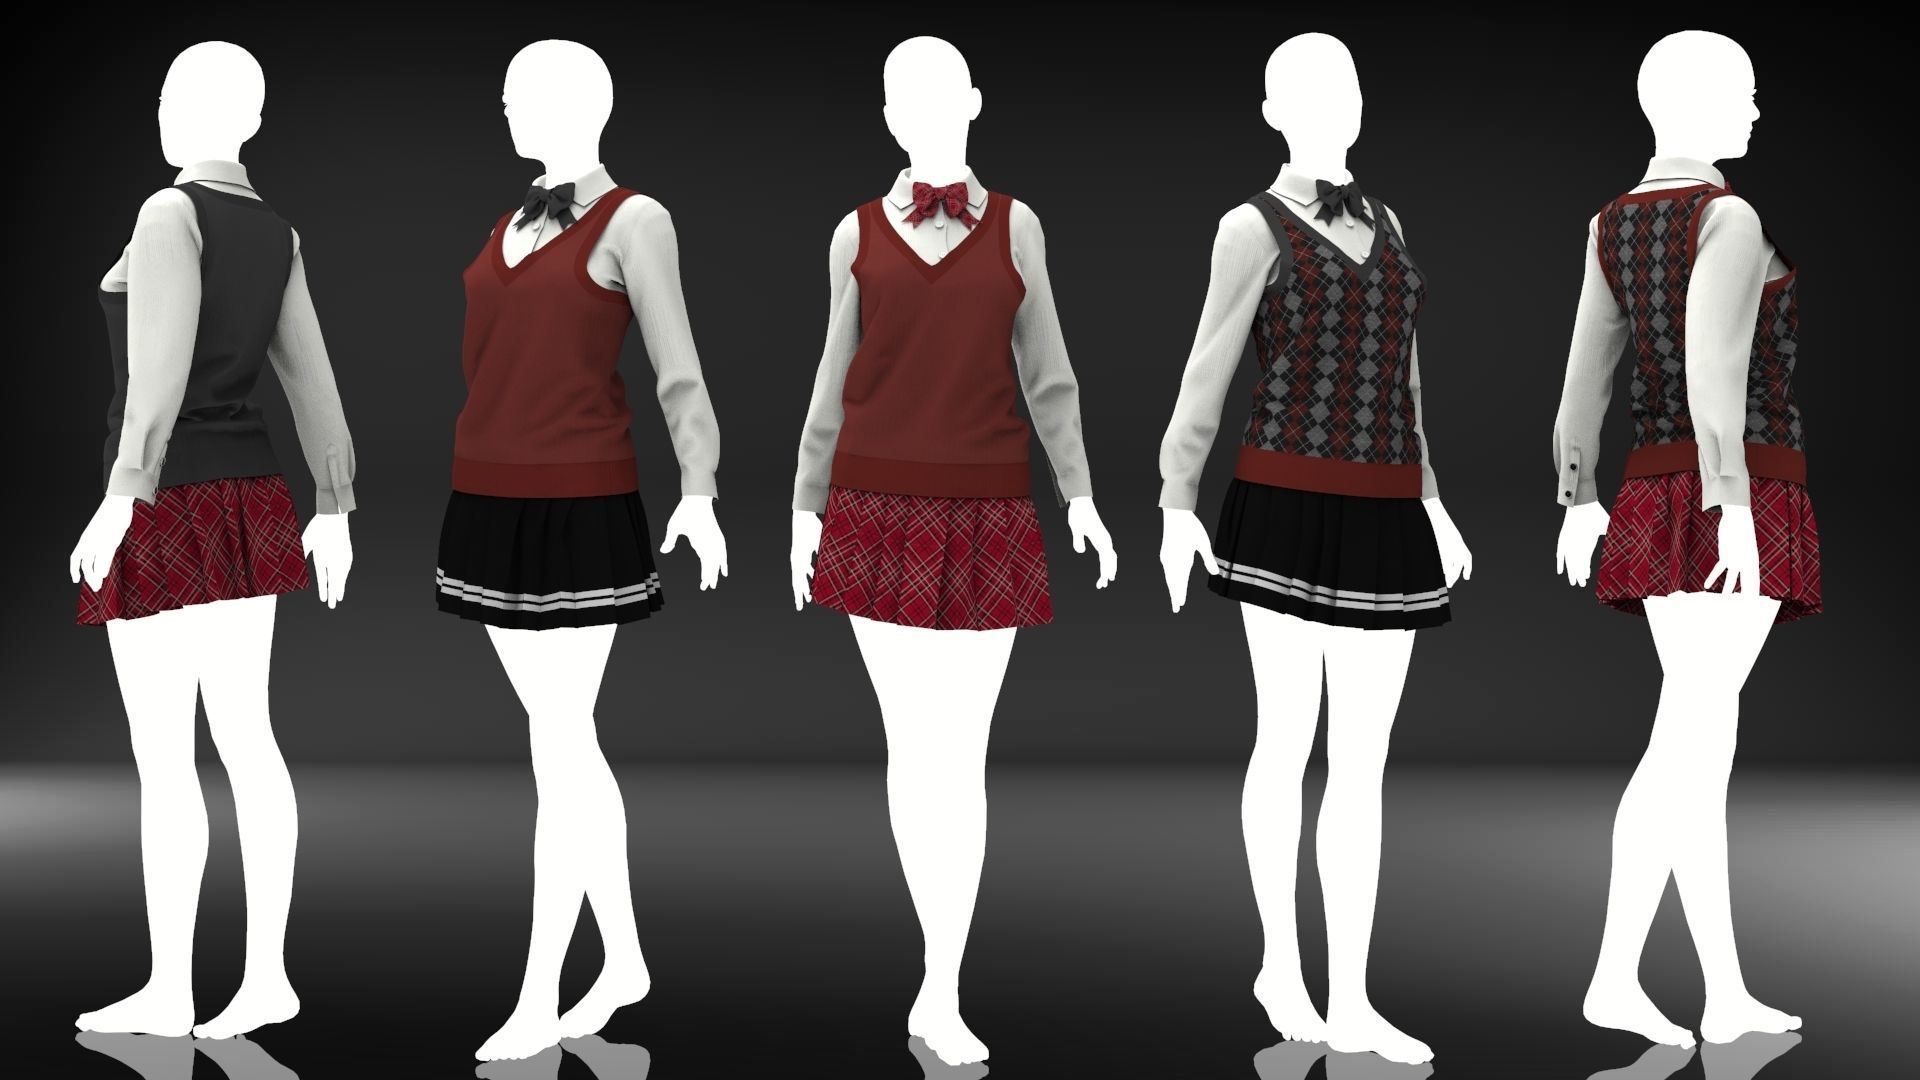 Marvelous Designer Clothes - 14 Sweater Uniform